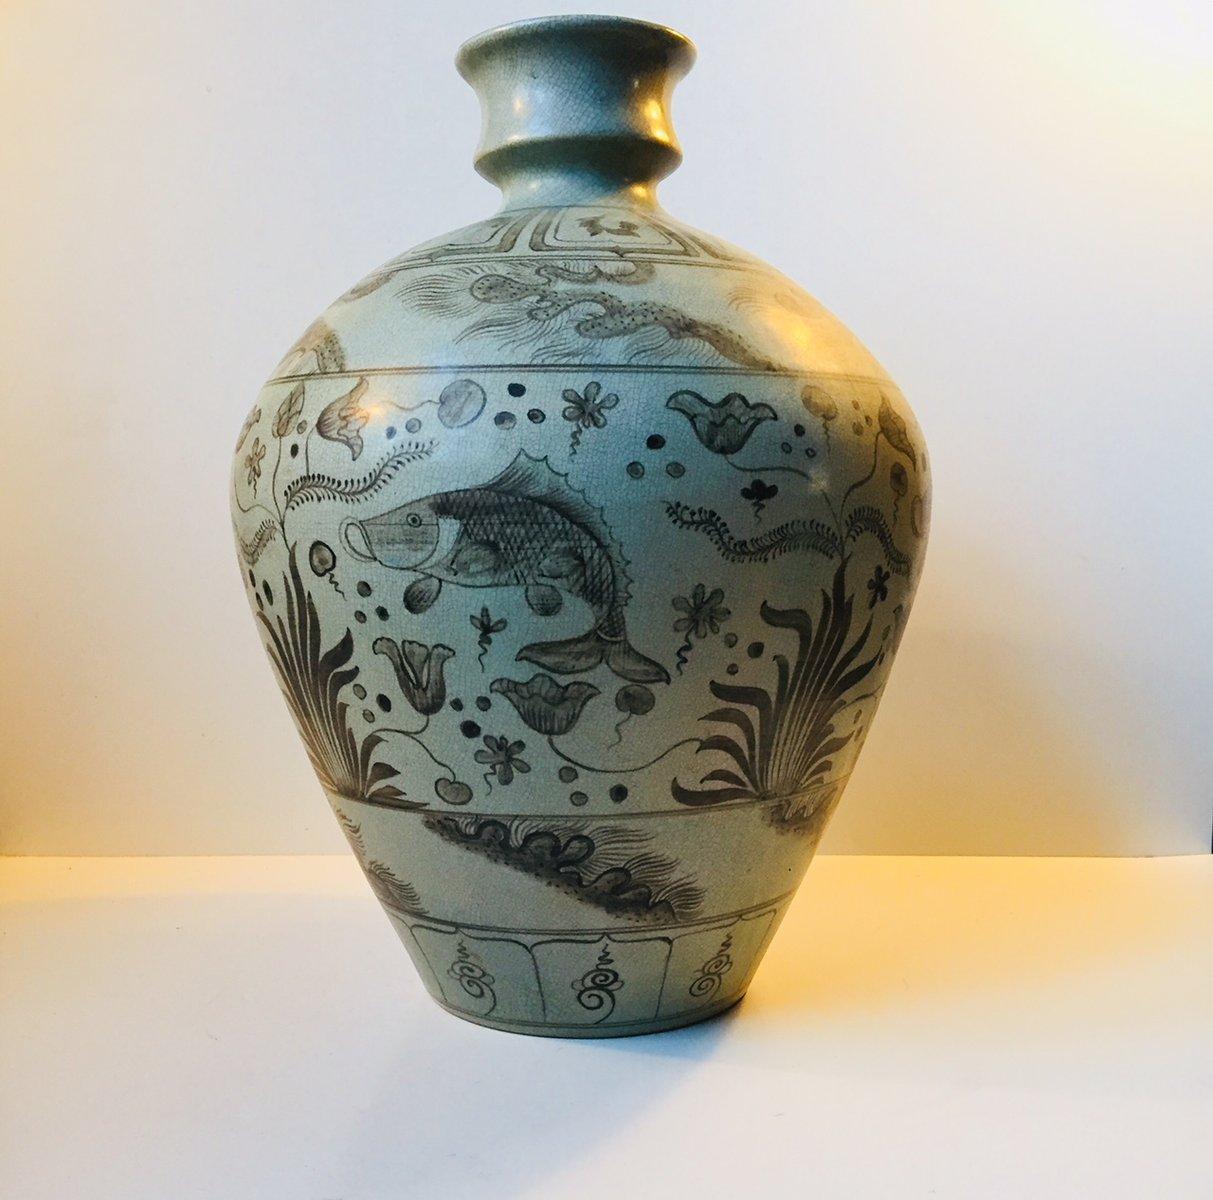 Danish art deco gray ceramic floor vase form lyngby porceln danish art deco gray ceramic floor vase form lyngby porceln 1930s for sale at pamono reviewsmspy